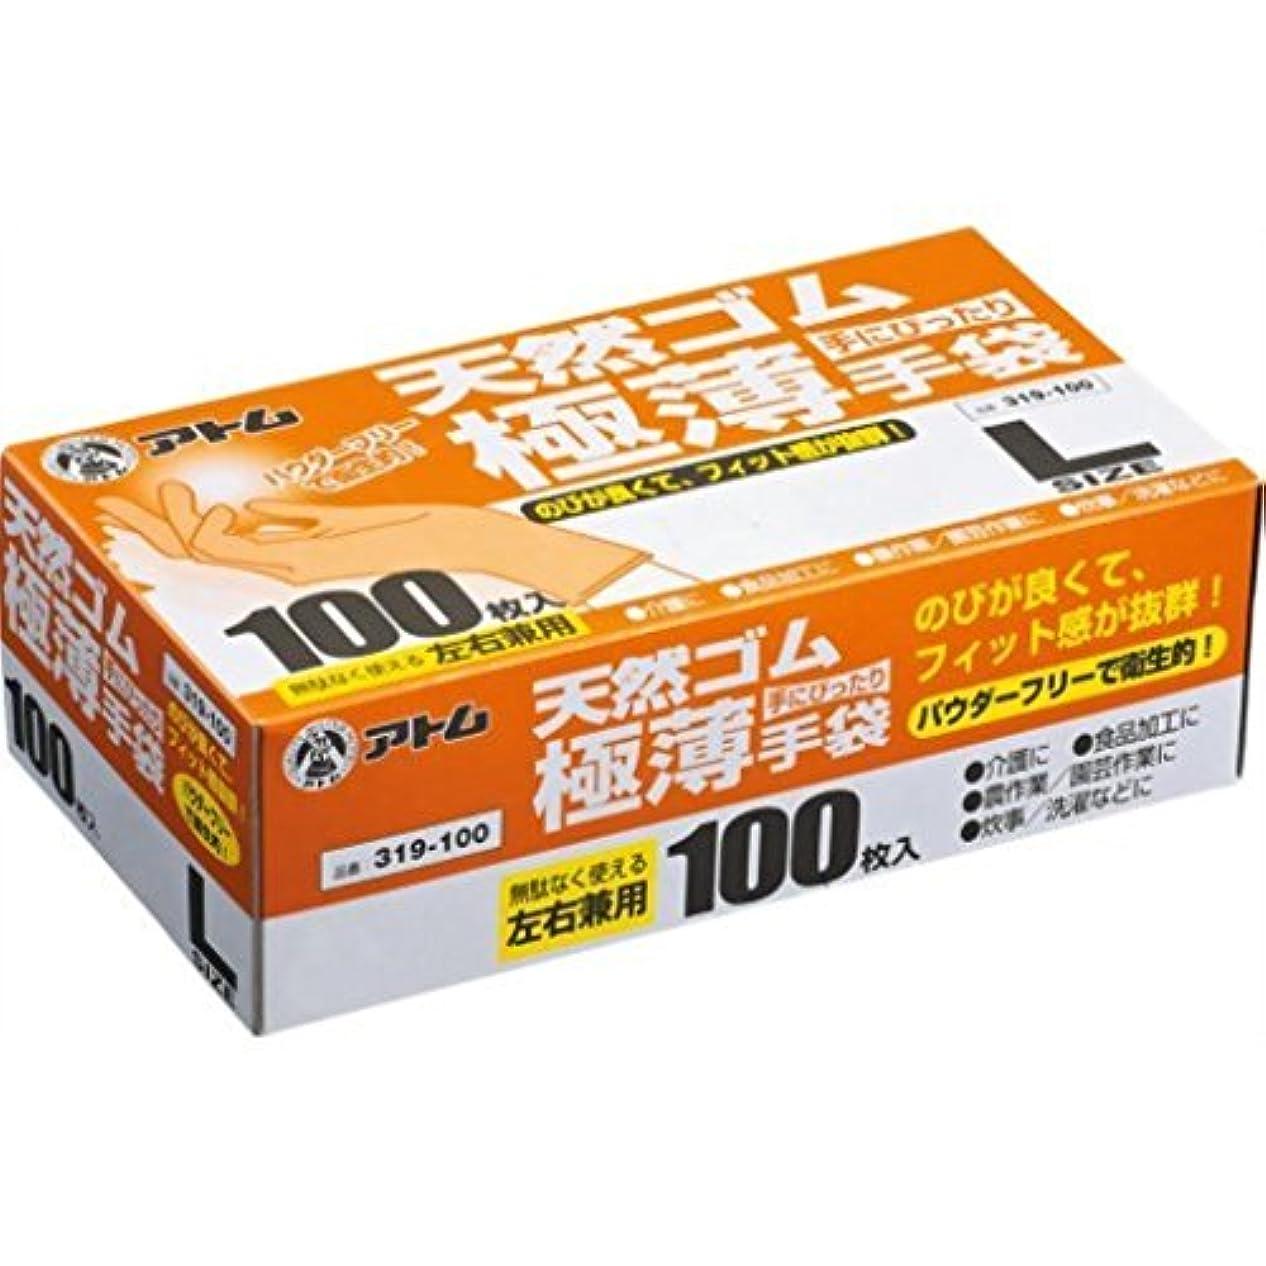 モチーフ熟達ロースト(まとめ買い)アトム 極薄手袋パウダーフリーL乳白100枚 319-100 【×3セット】